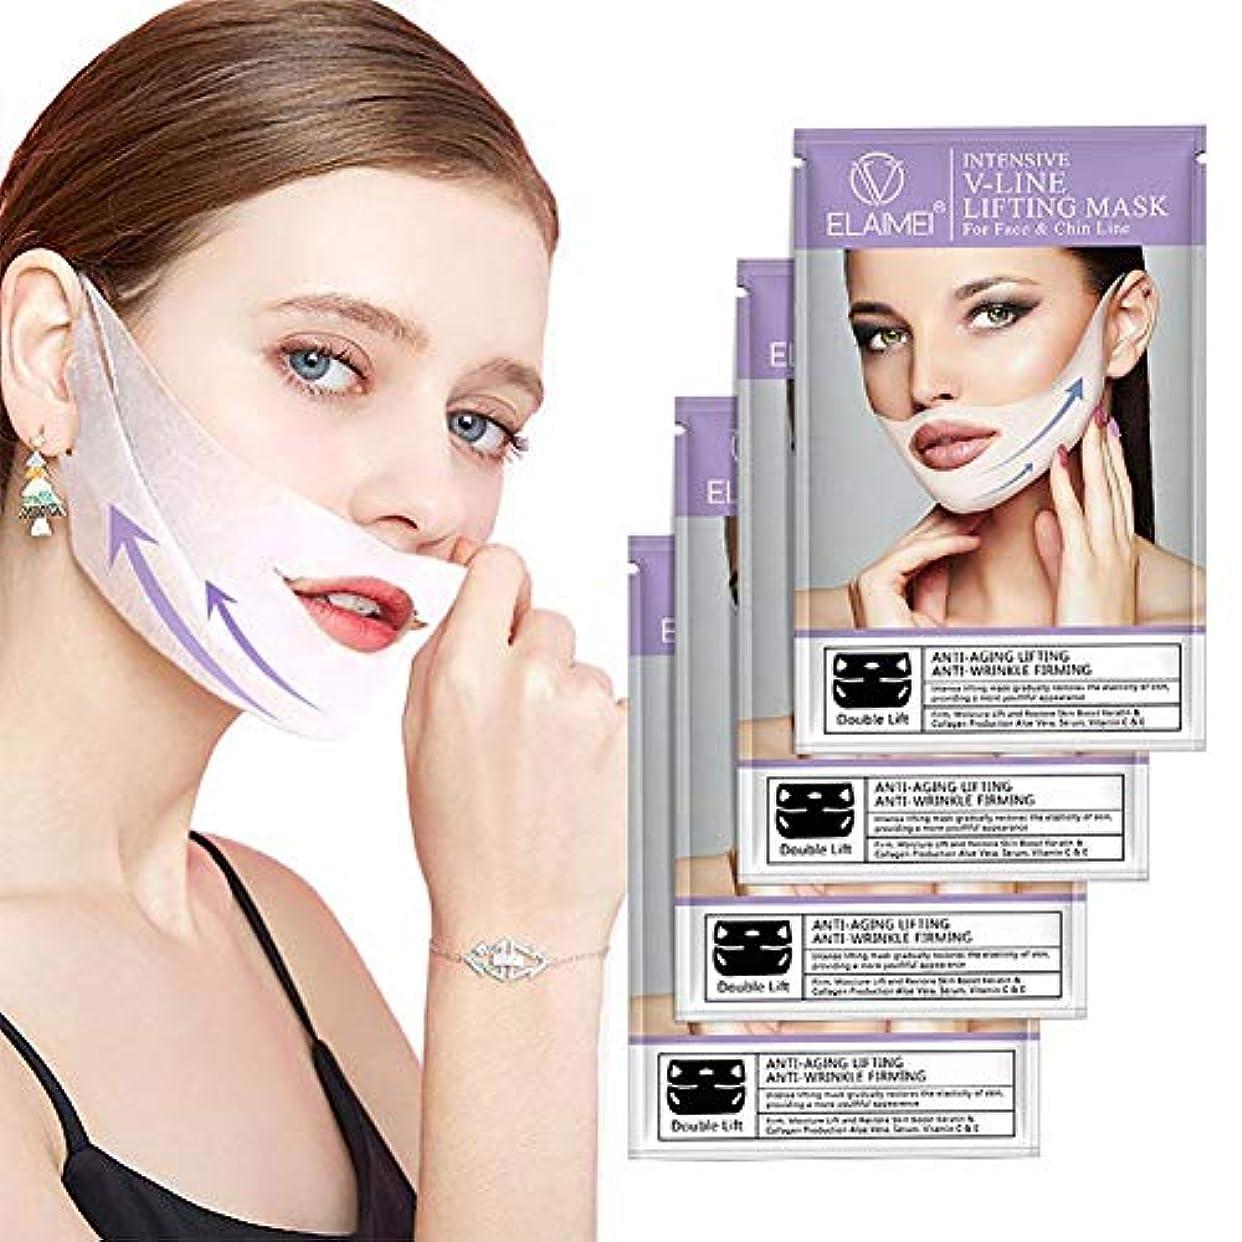 ハング改修する突き刺すユニセックスVラインマスク、フェイス&チンライン用4 PCSリフティングバンドパッチ、ダブルチンVフェイスチンアップファーミングマスク